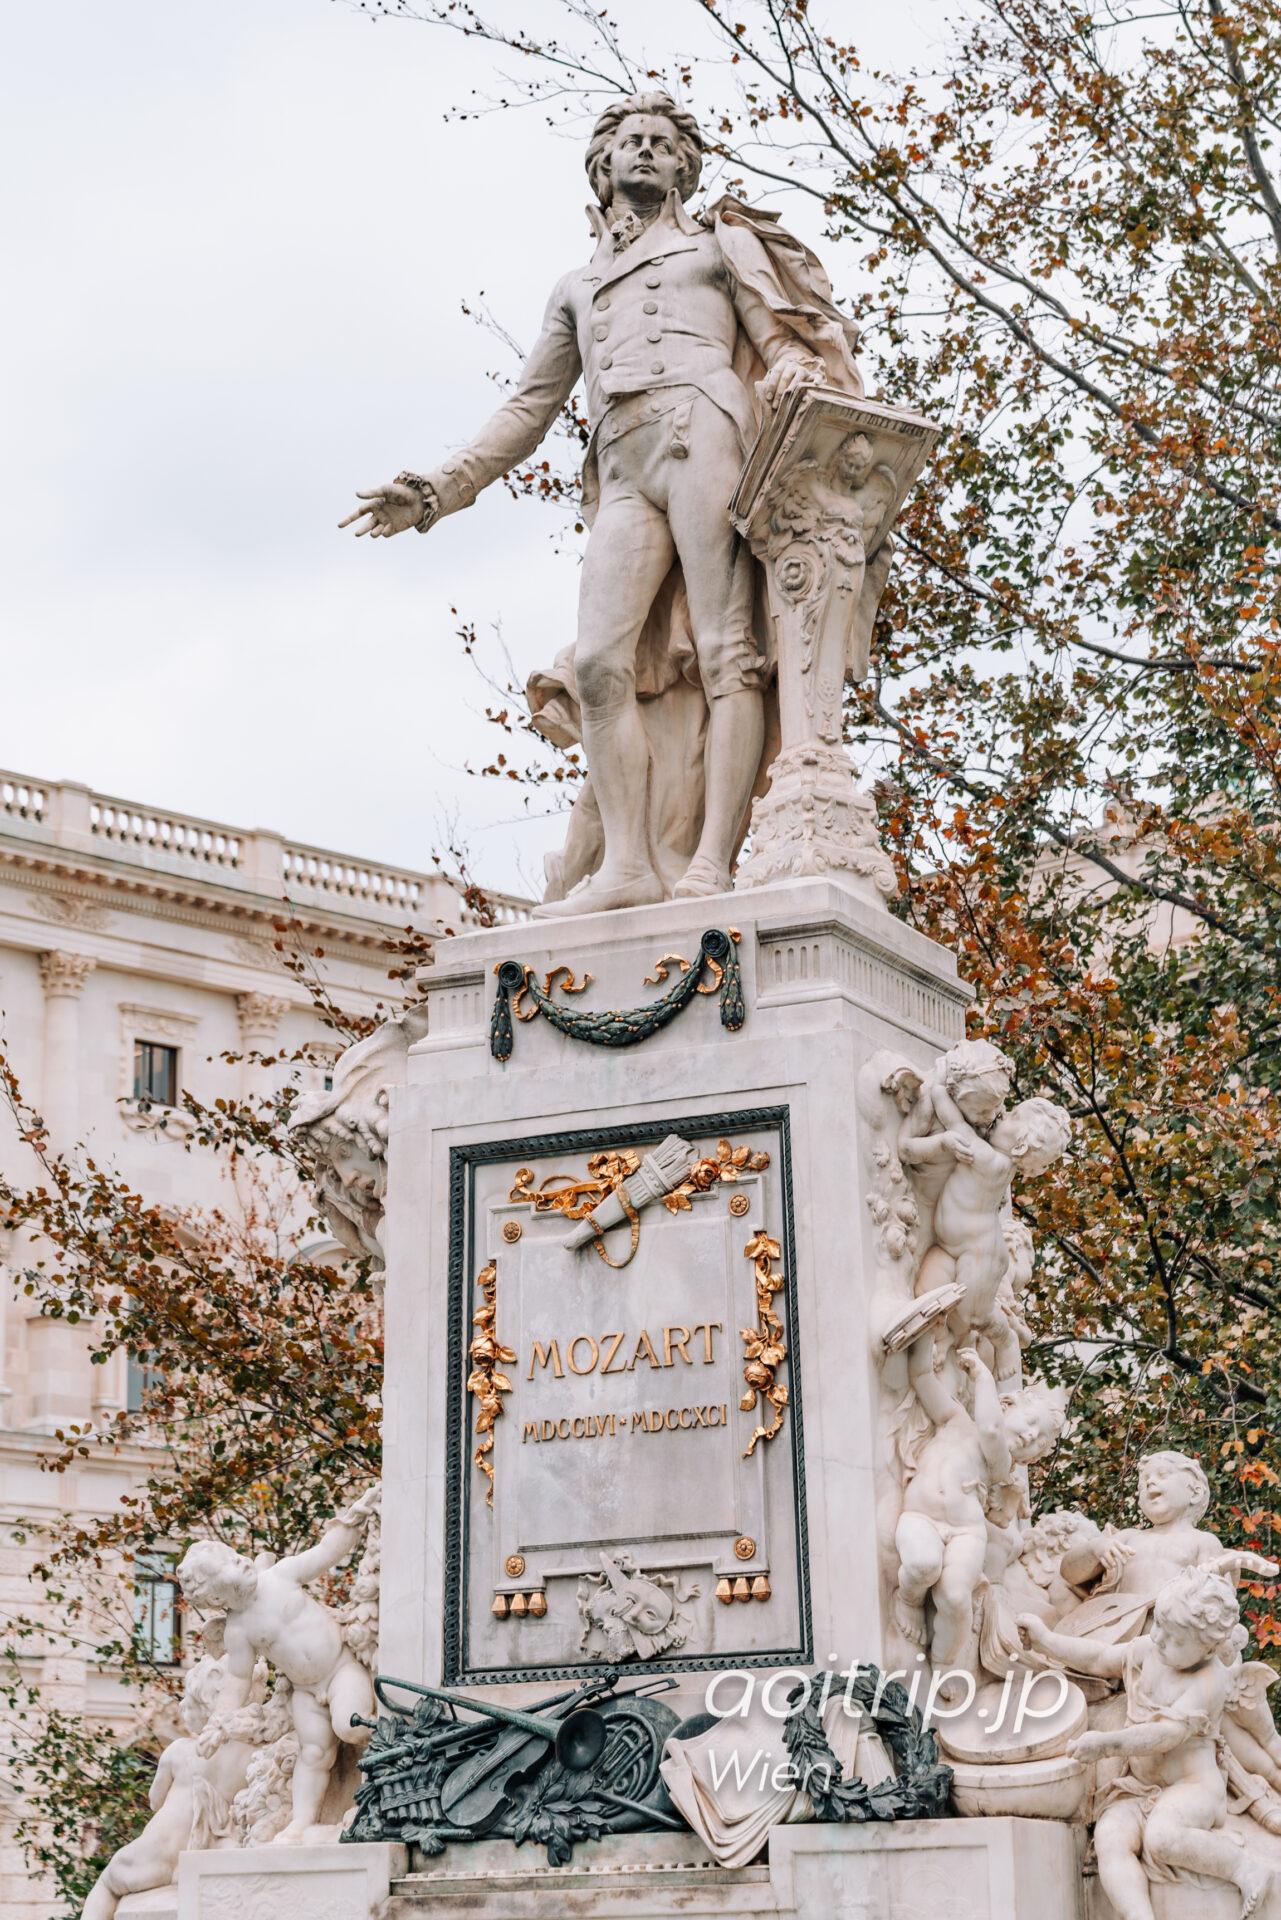 ウィーン モーツァルトの像